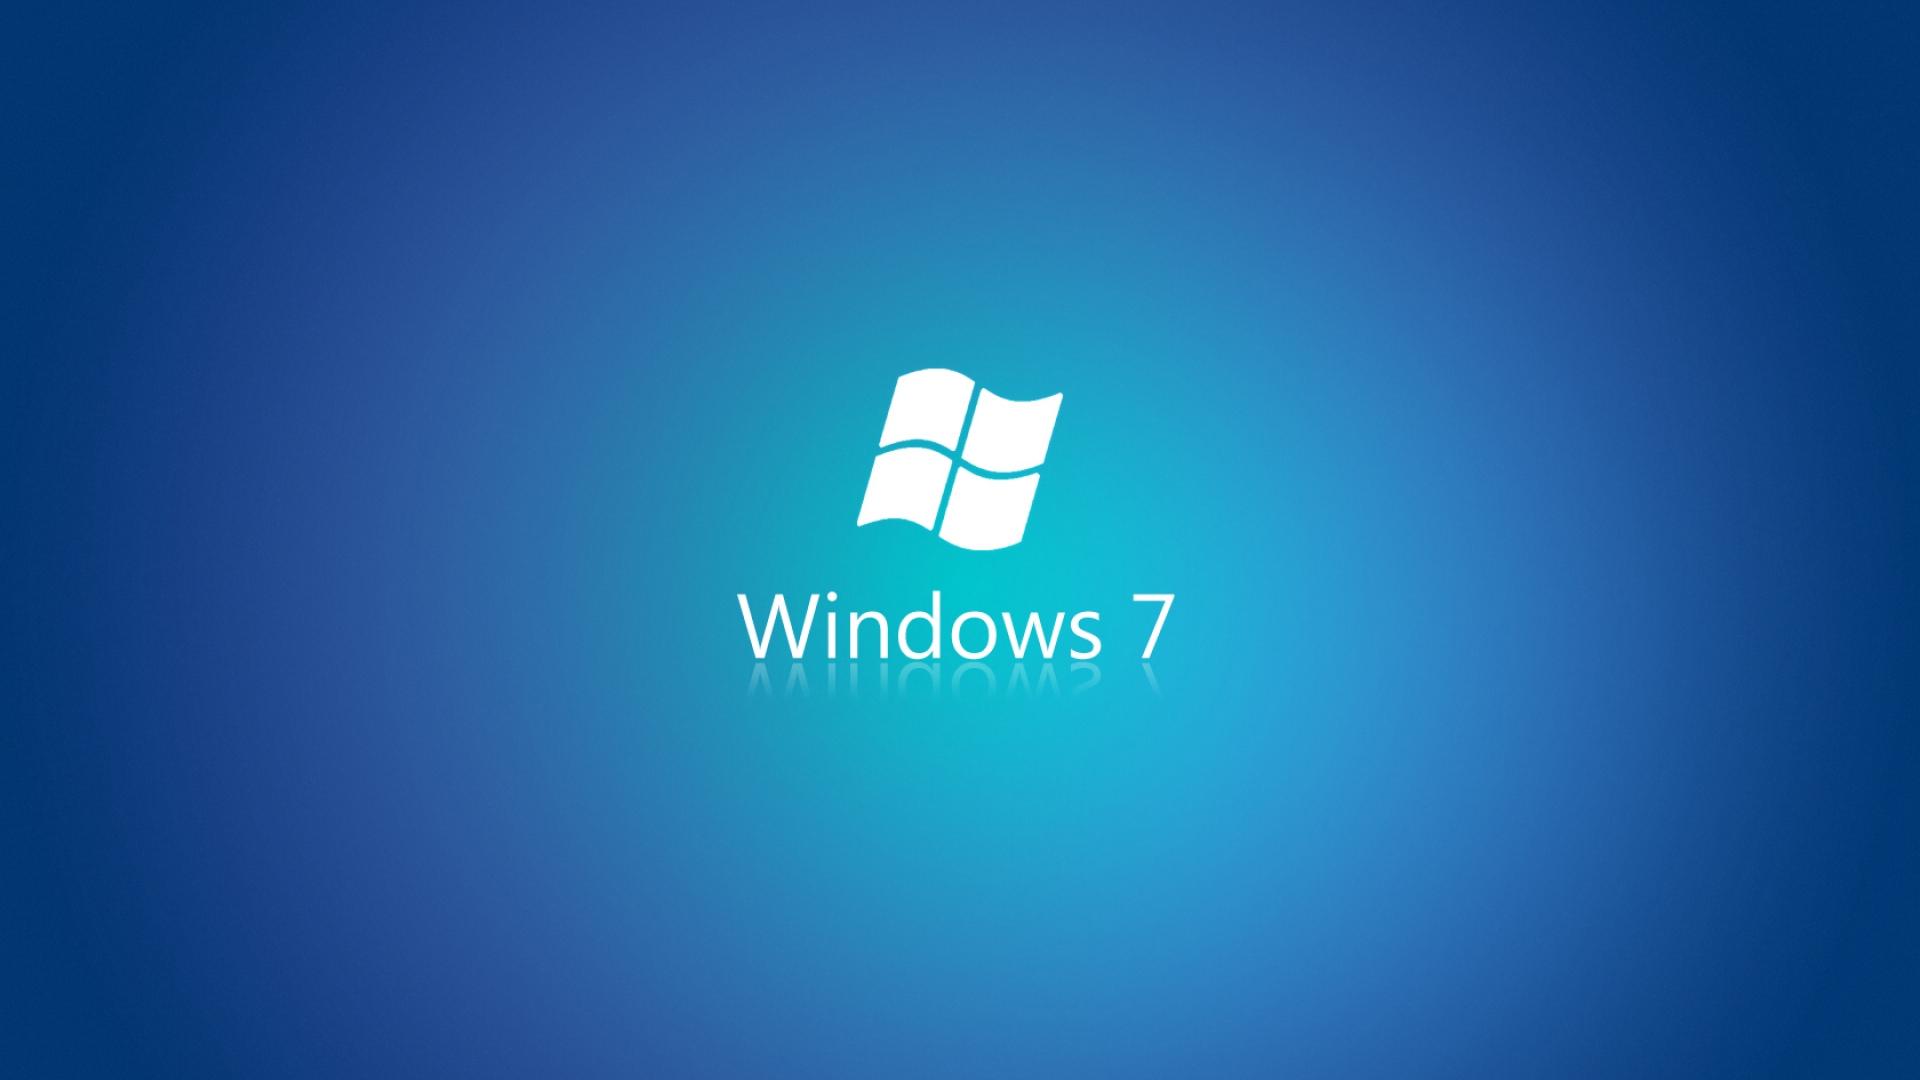 windows 7 desktop wallpaper gpo not working www wallpapers in hd